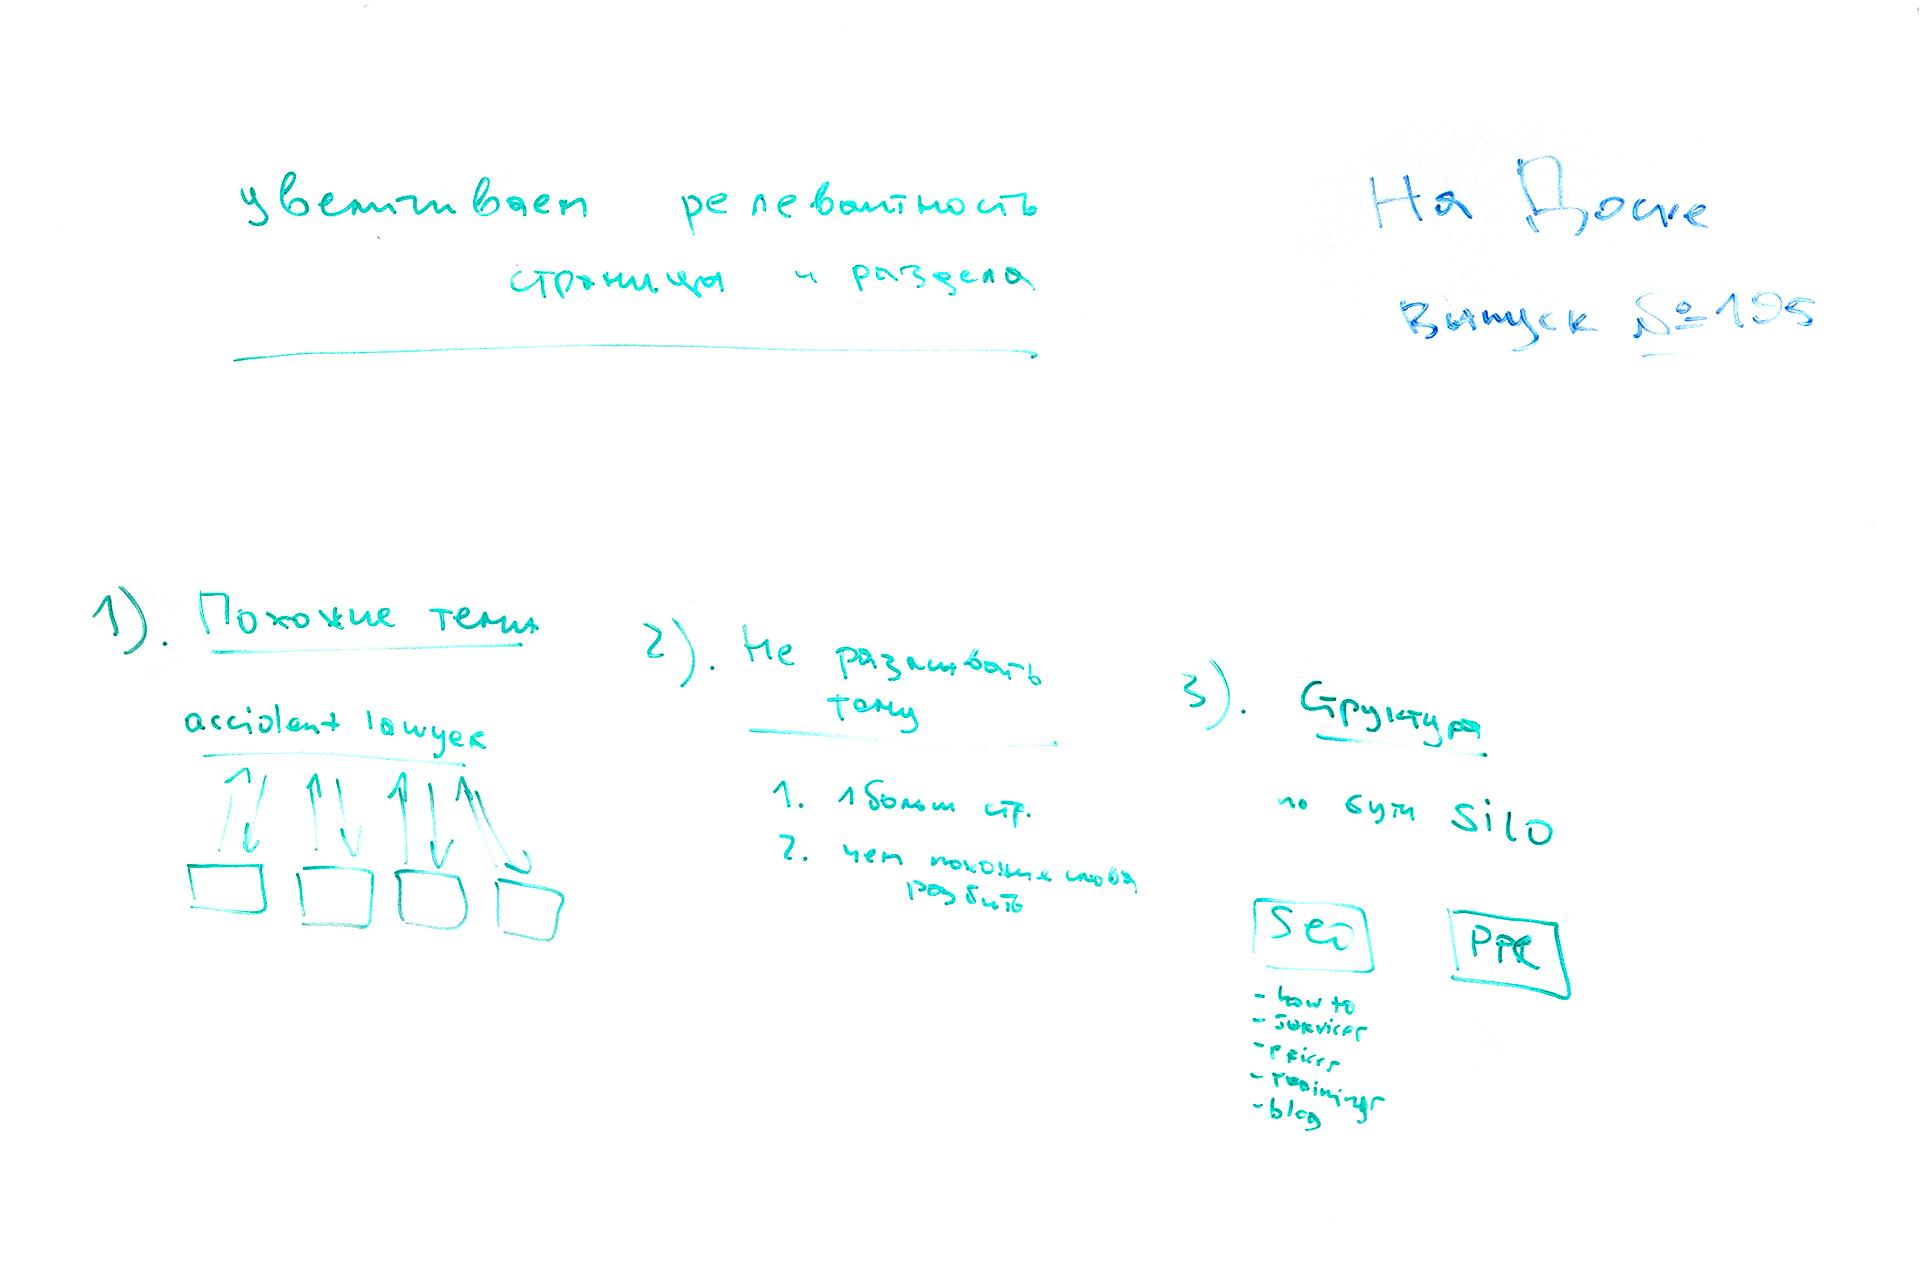 Фото с доски: Увеличиваем релевантность страницы или раздела - На Доске - выпуск № 195